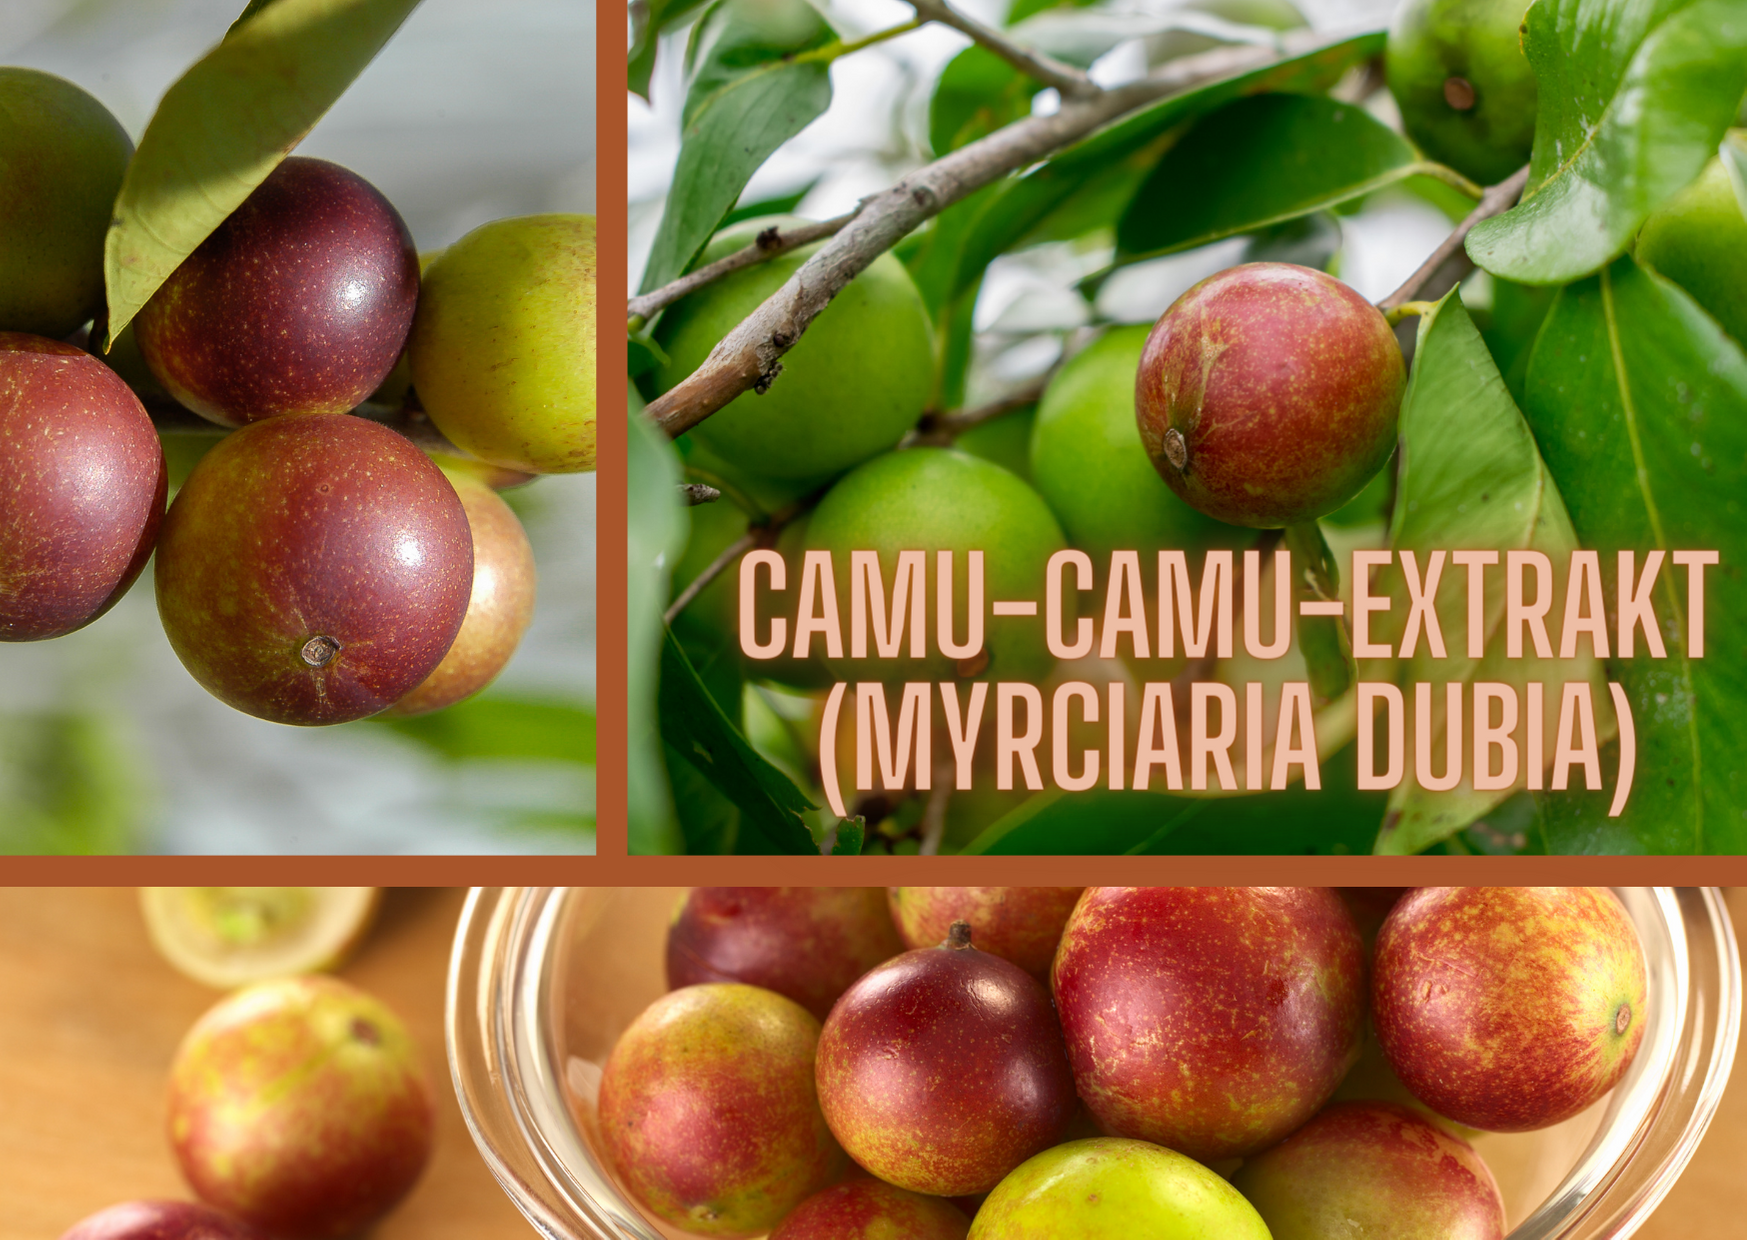 CAMU-CAMU-EXTRAKT